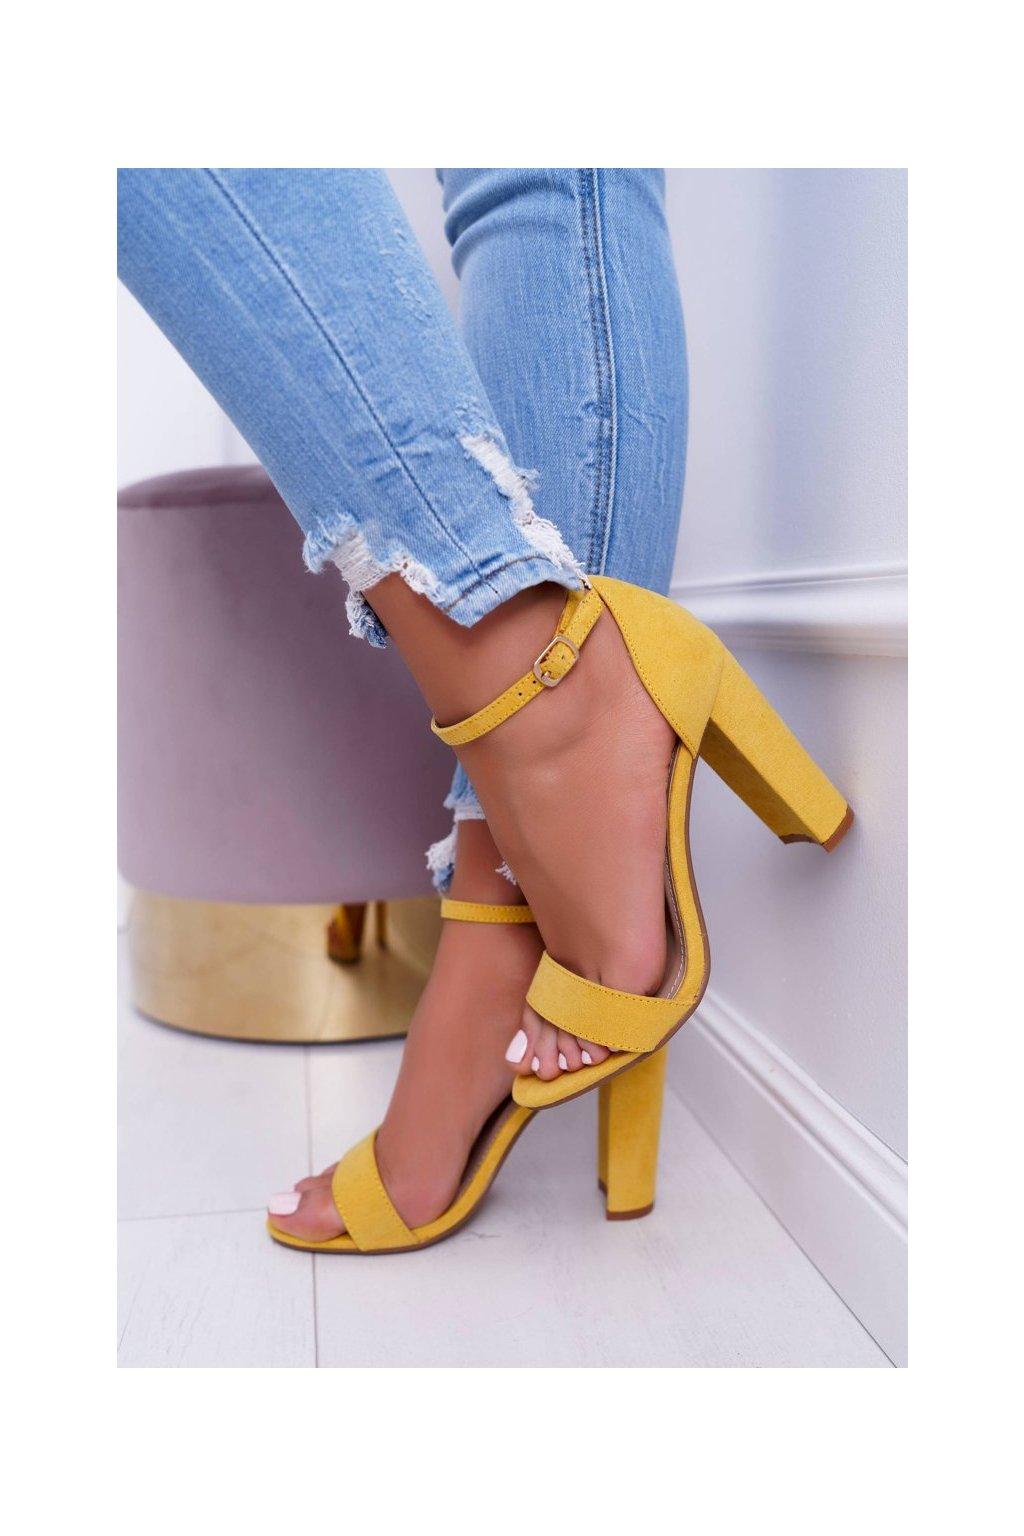 Dámske Sandále na podpätku Semišové žlté Anastasie